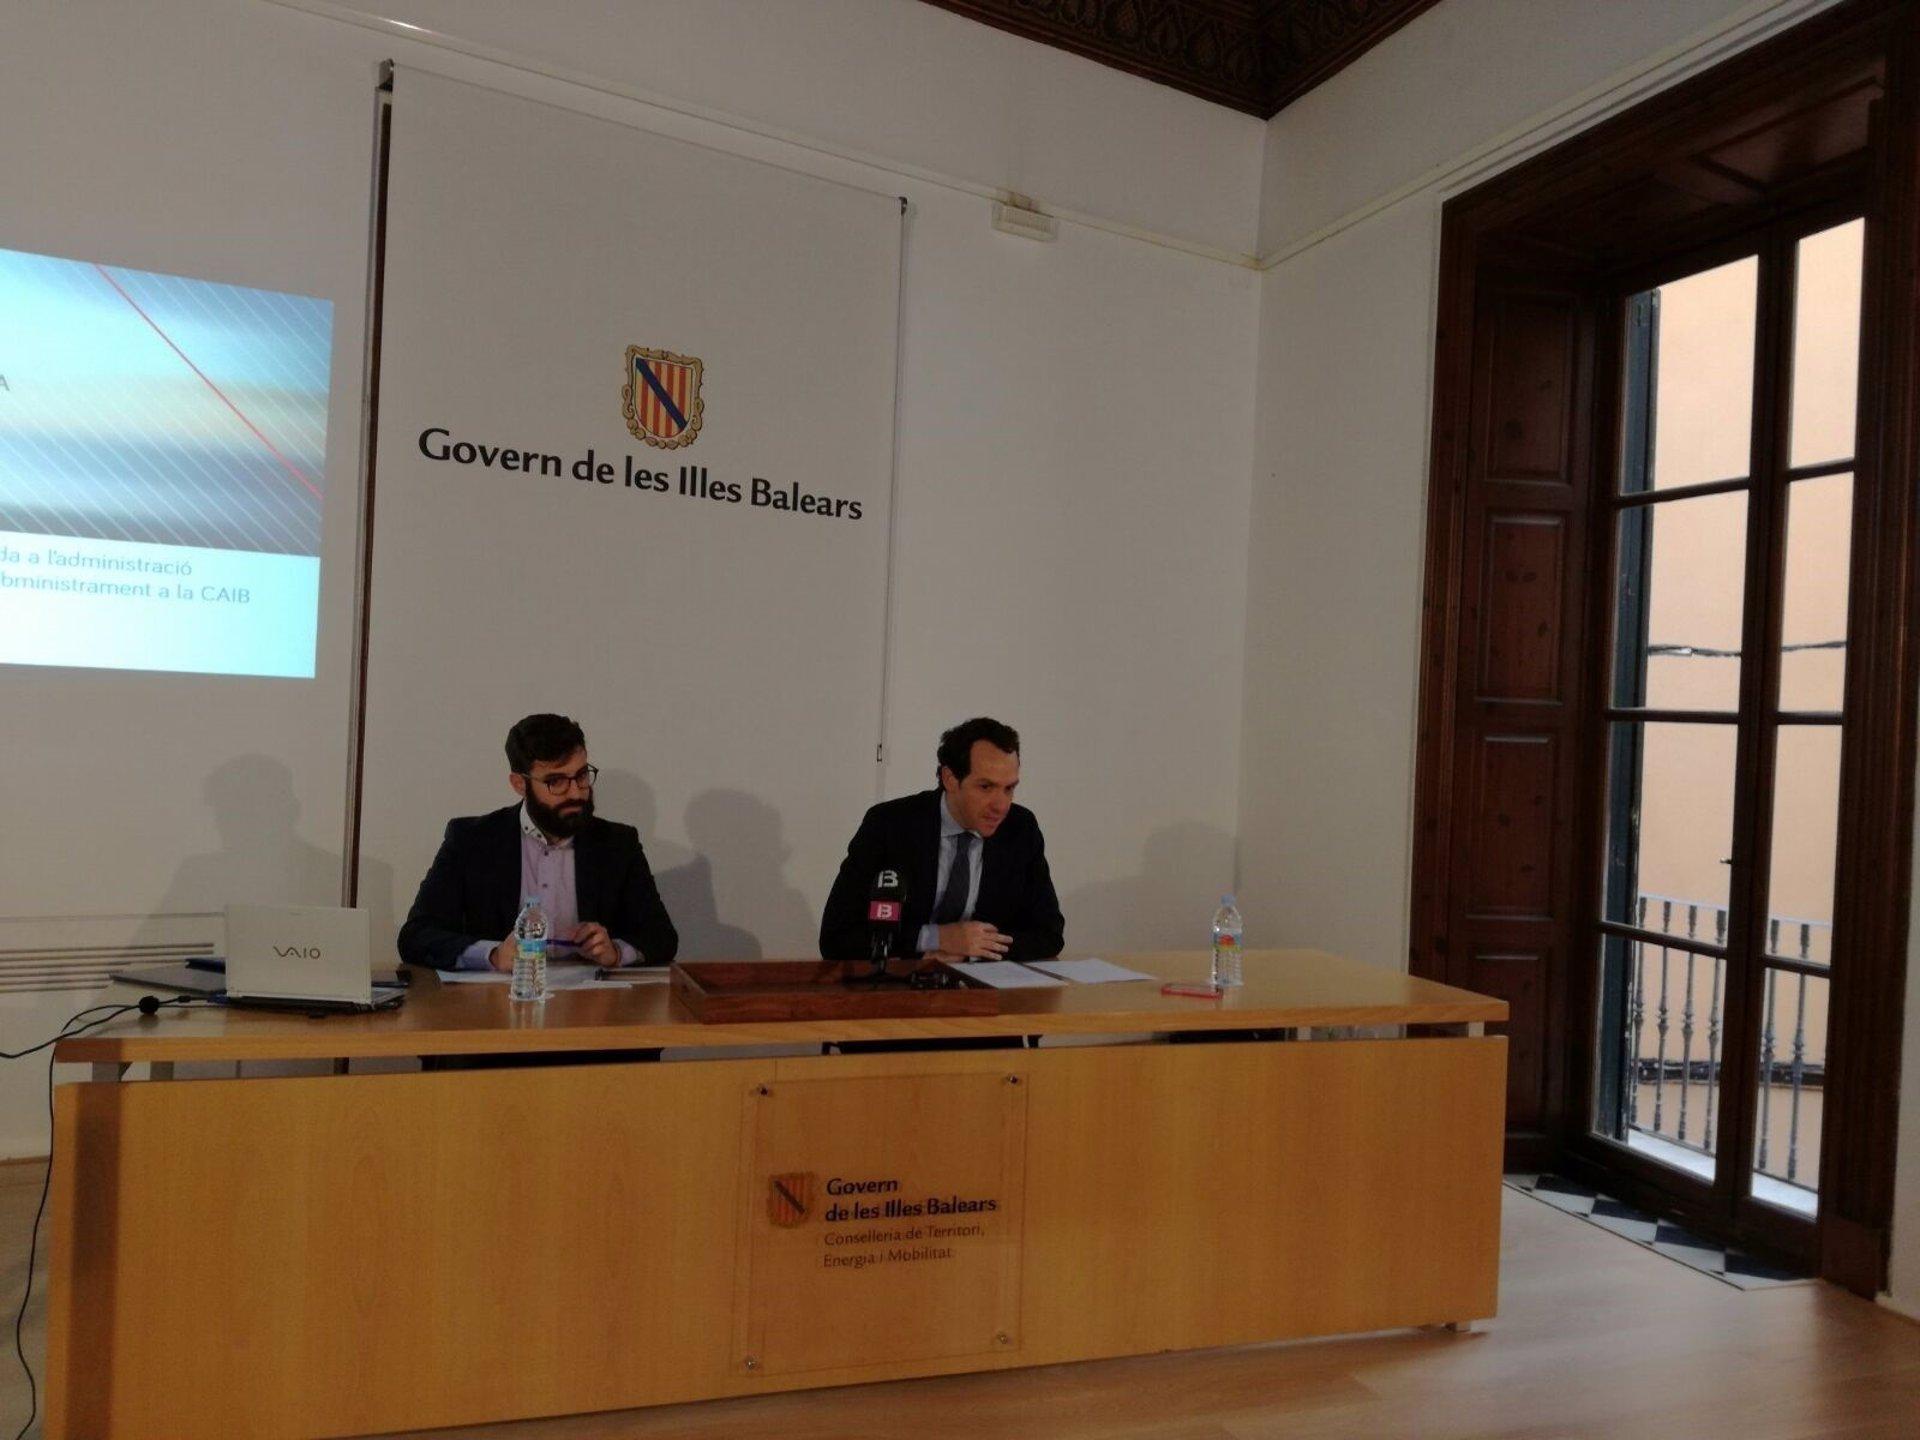 Todas las instalaciones de la Comunidad Autónoma de Baleares consumen ya energía renovable